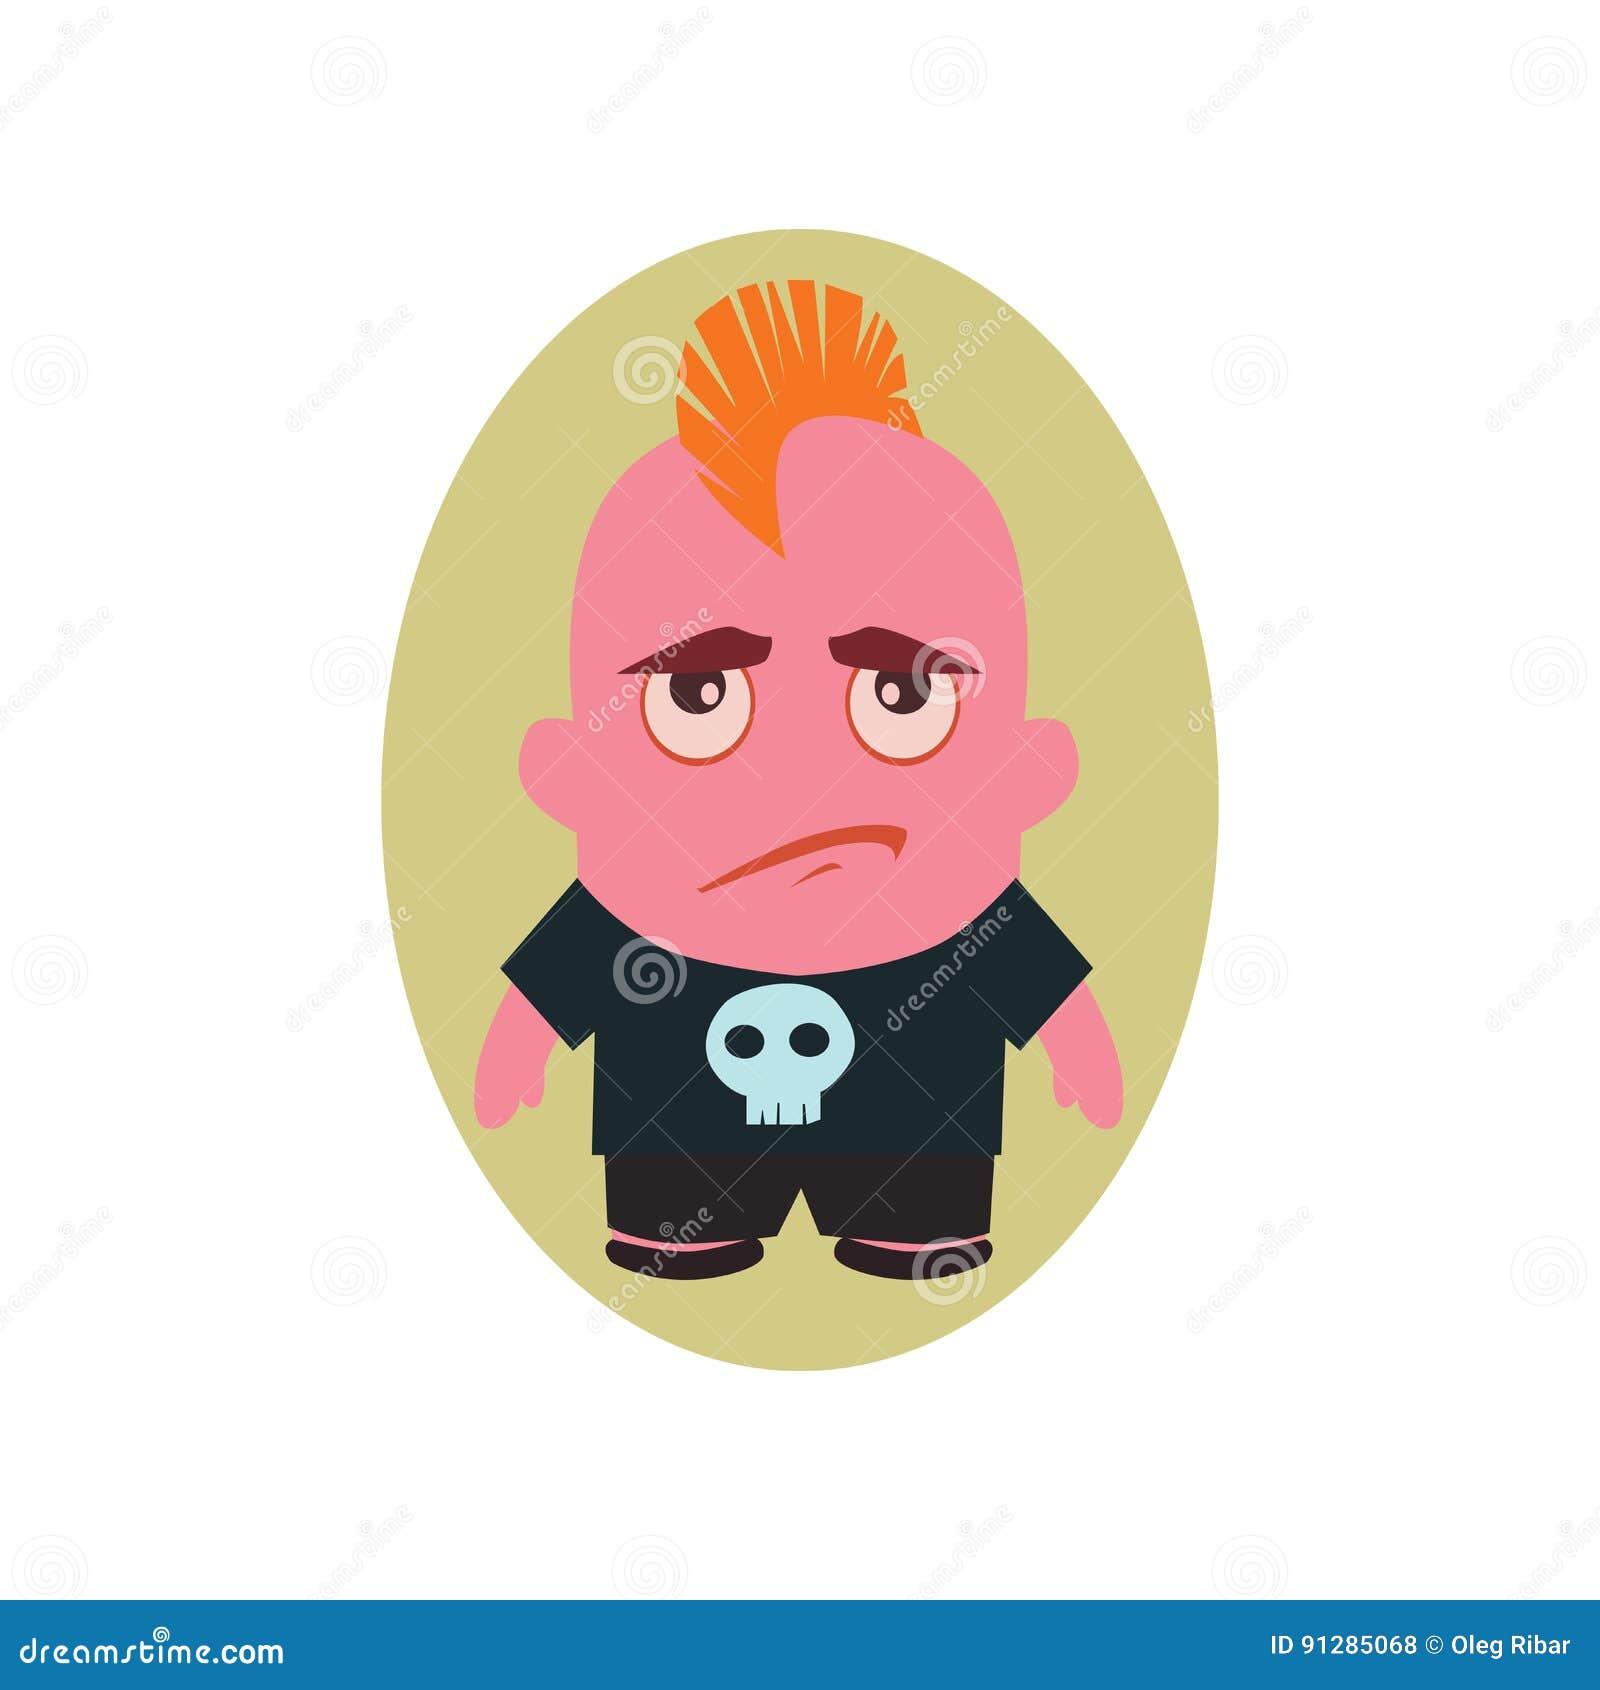 Ledsen och olycklig Avatar av punkrocket - lilla Person Cartoon Character i plan vektor